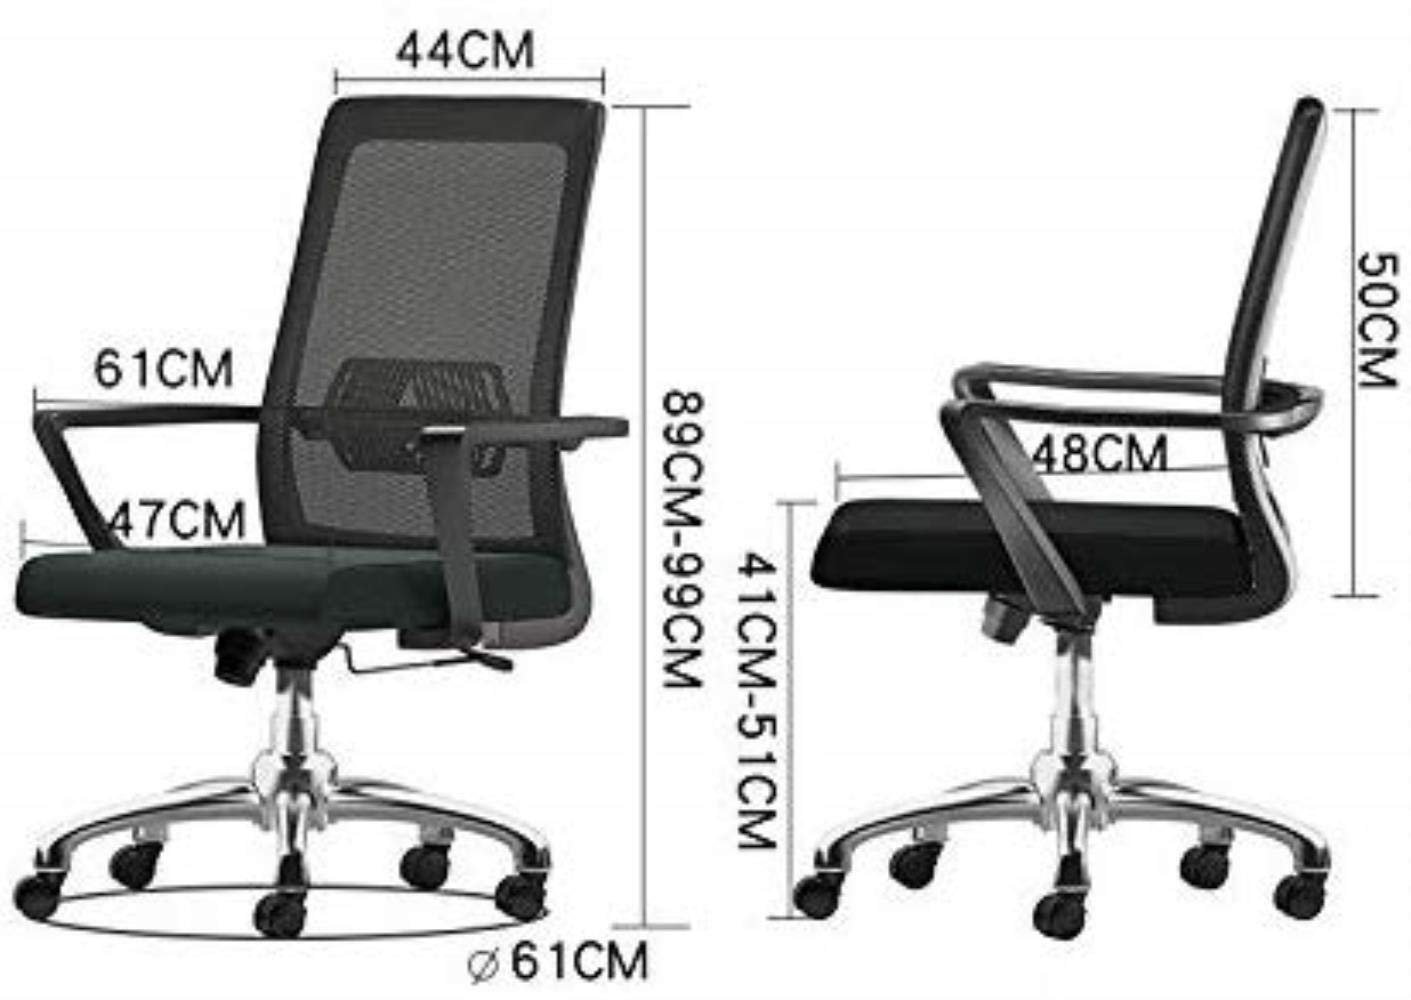 Skrivbordsstolar kontorsstol datorstol konferensstol ergonomisk rygg fåtölj kontor (färg: svart) Svart